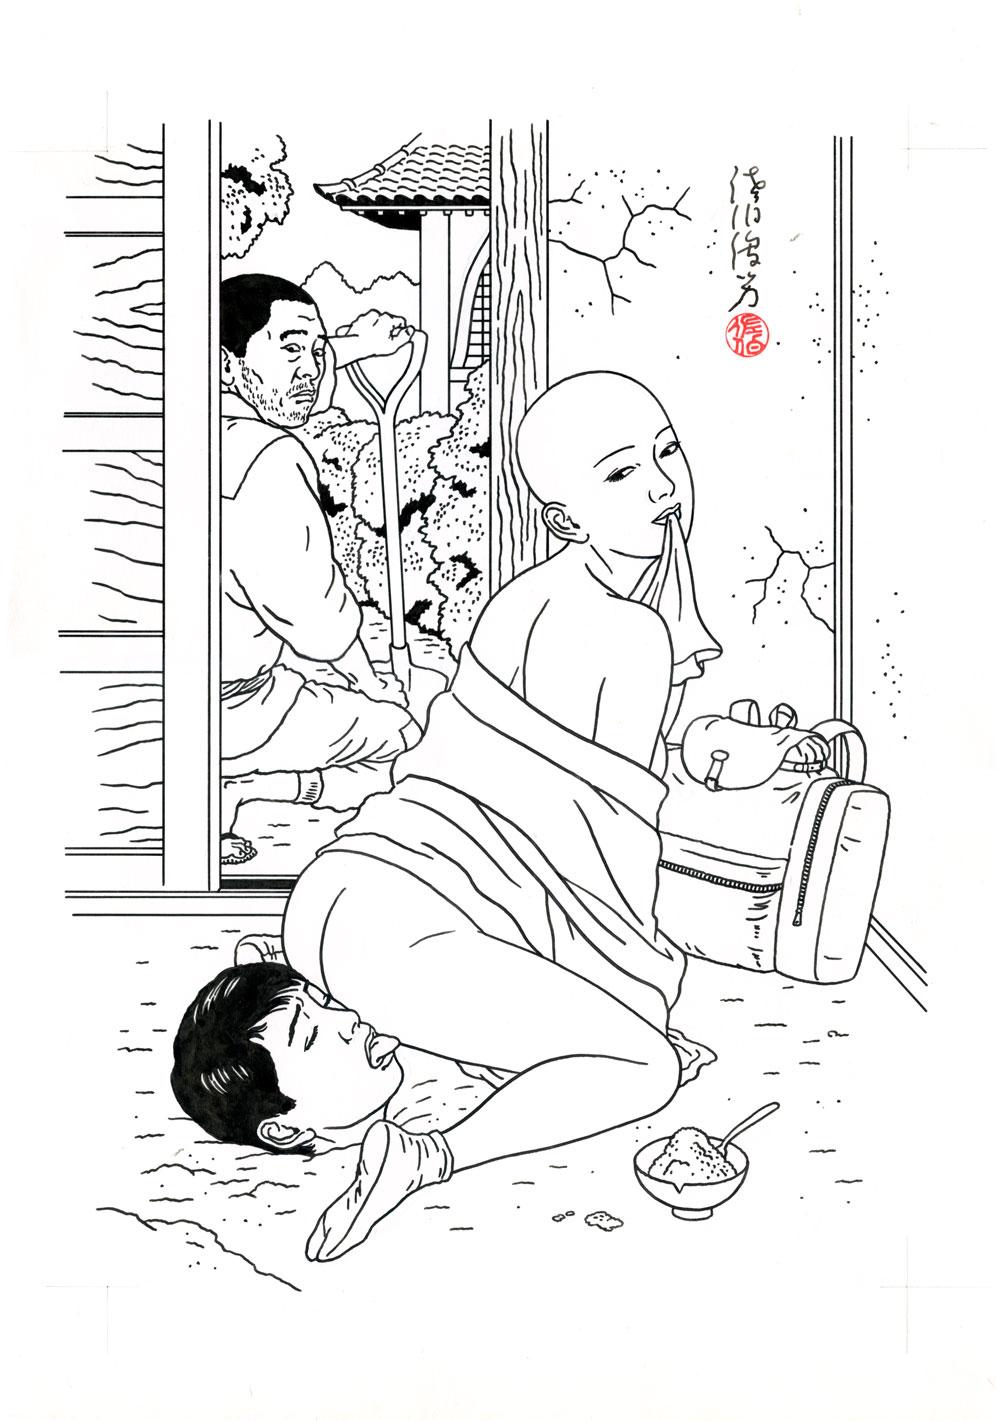 Toshio Saeki Shitagokuu 11.25 x 15.5, Ink on paper1987